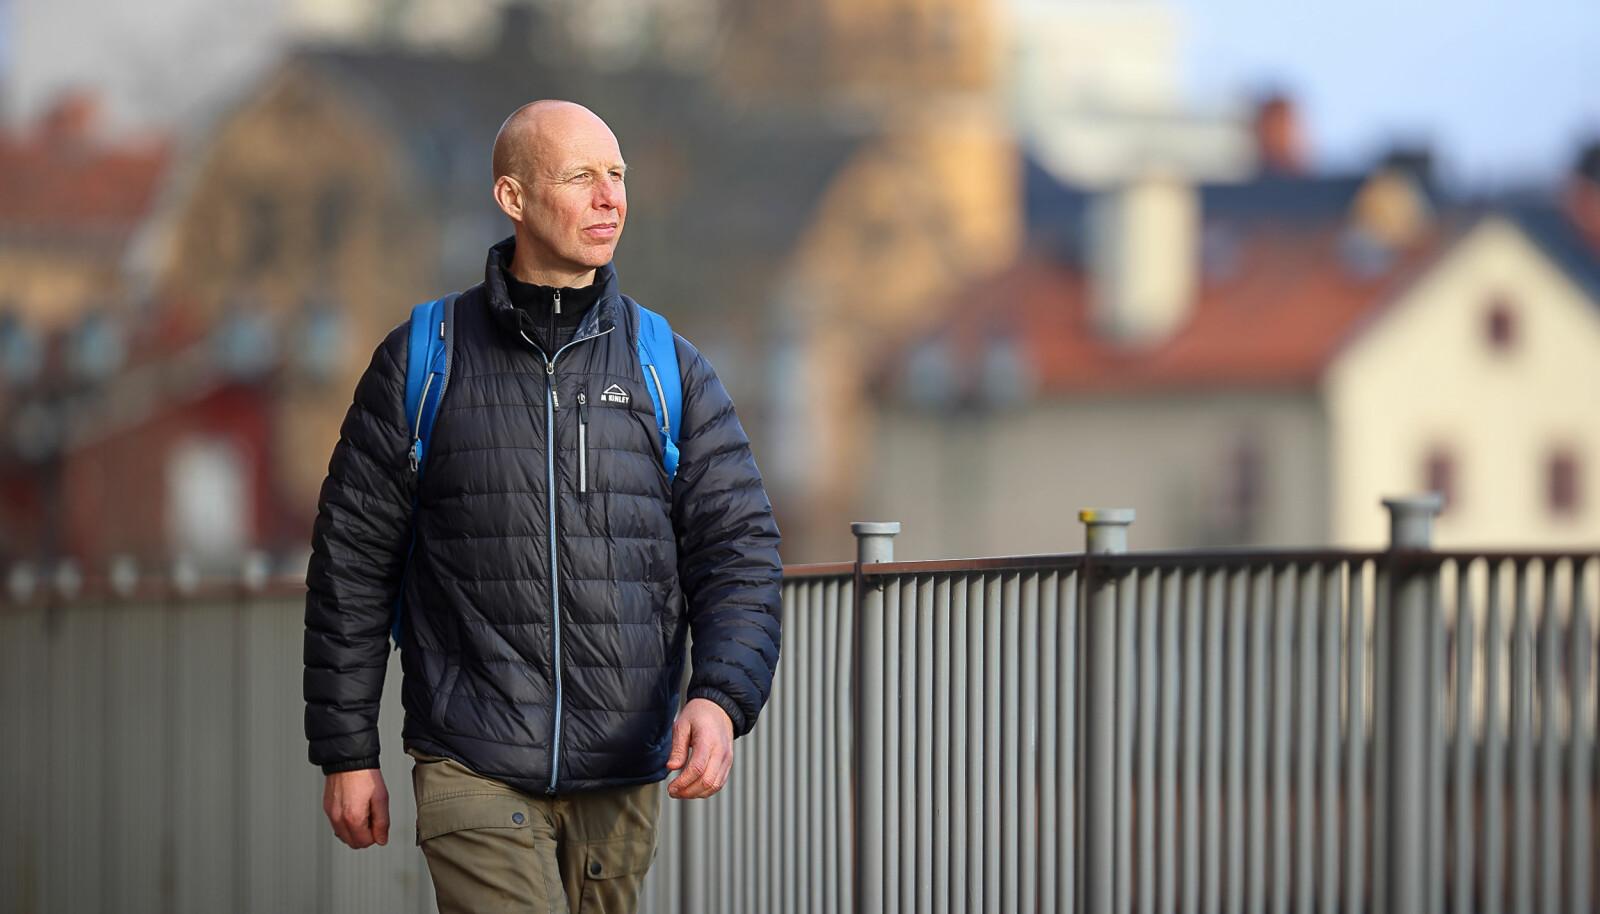 Stefan Holgersson har hele tiden interessert seg for politiet. Da han jobbet med sin doktorgrad jobbet han fulltid som politi. Også nå som han jobber fulltid som forsker, har han fortsatt å jobbe som politi i blant.